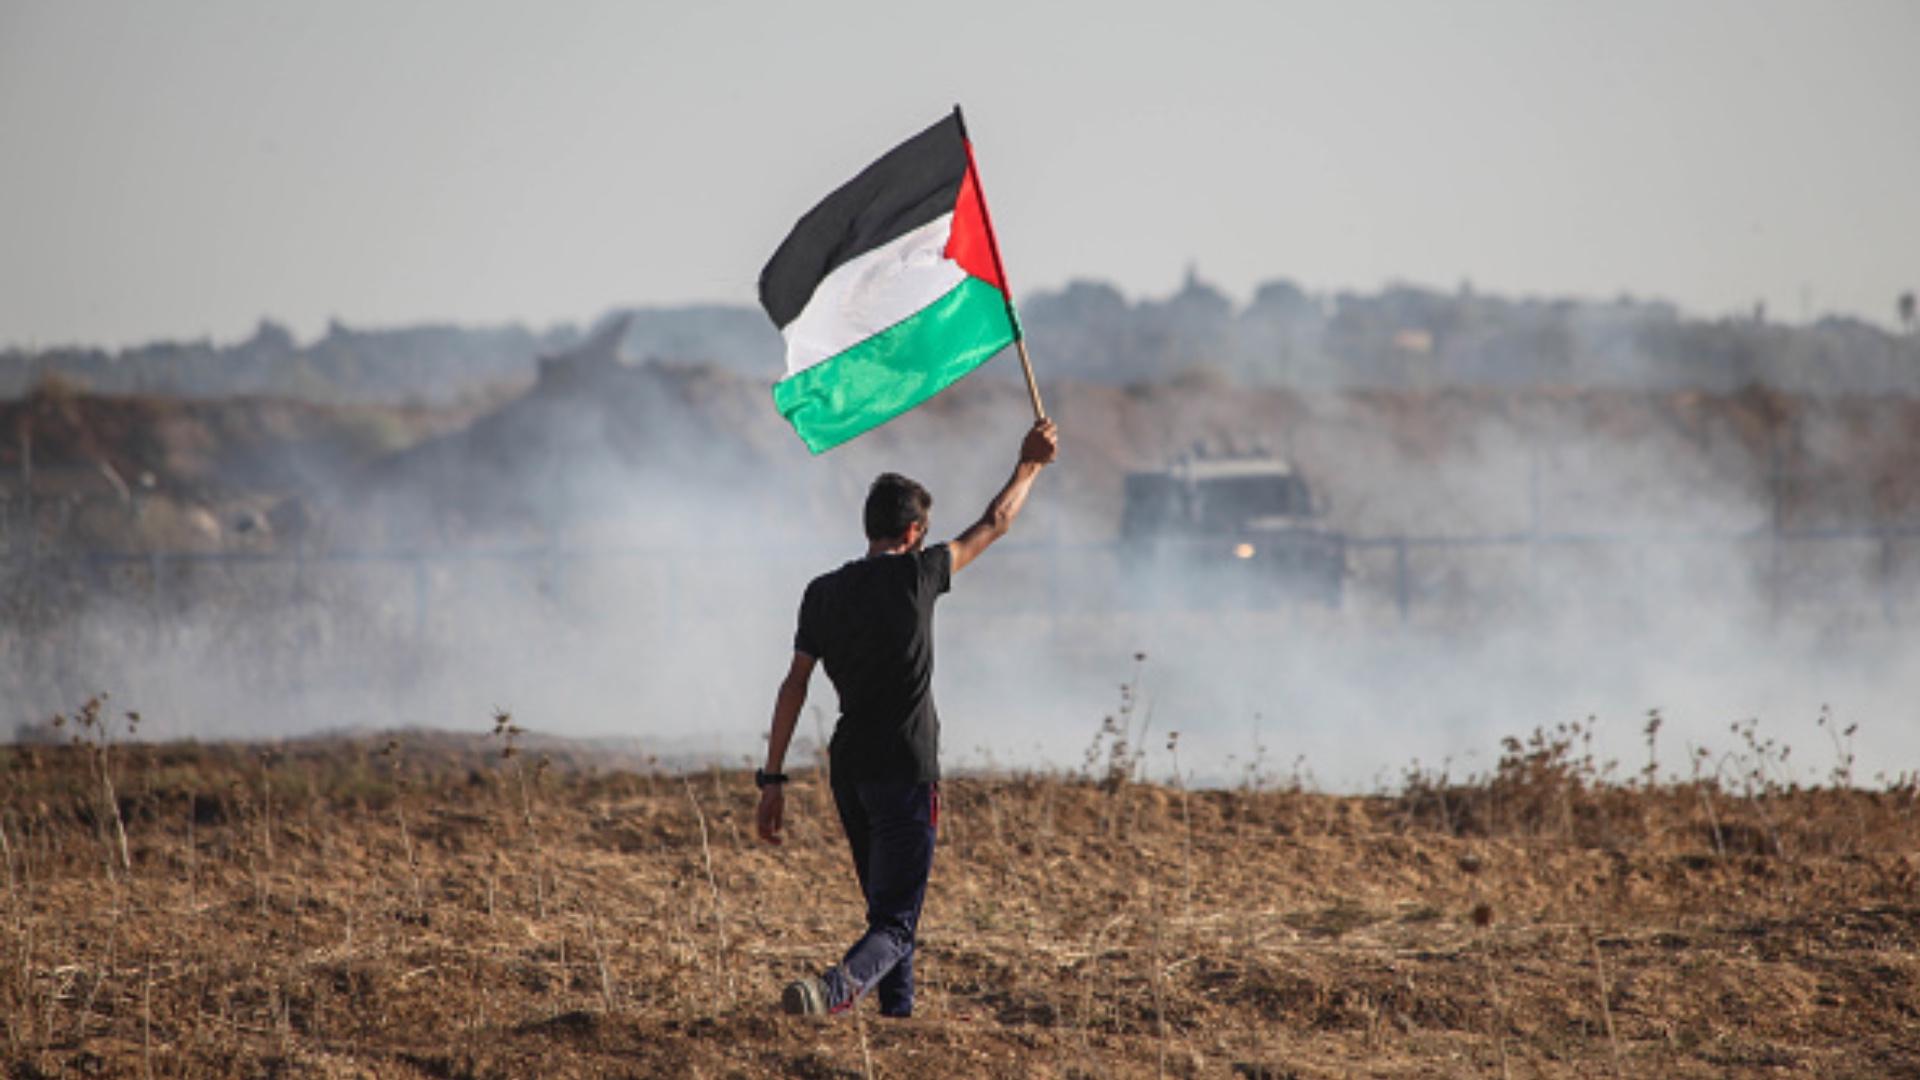 فلسطين تتخلى عن جميع الاتفاقات والتفاهمات مع العدو الصهيوني و امريكا